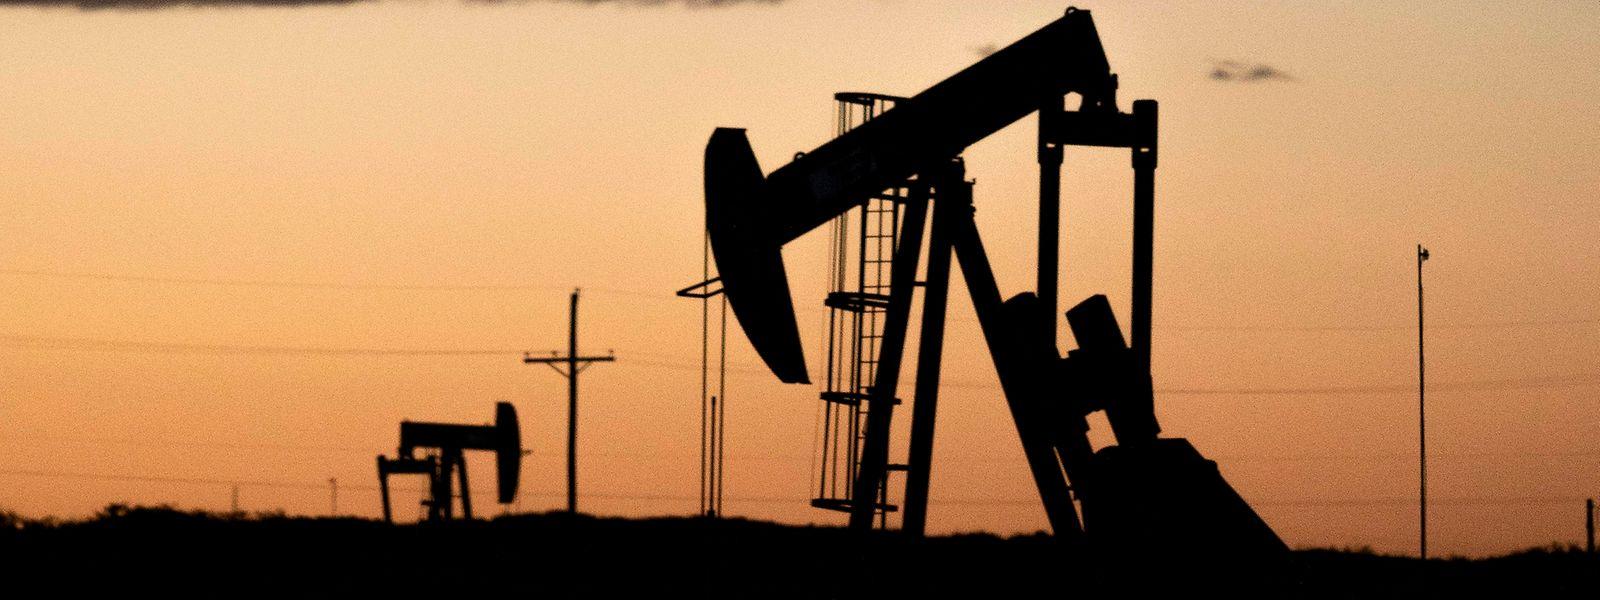 Depuis les années 50, environ cinq millions de tonnes de pétrole brut ont été produites dans la vallée du Rhin.